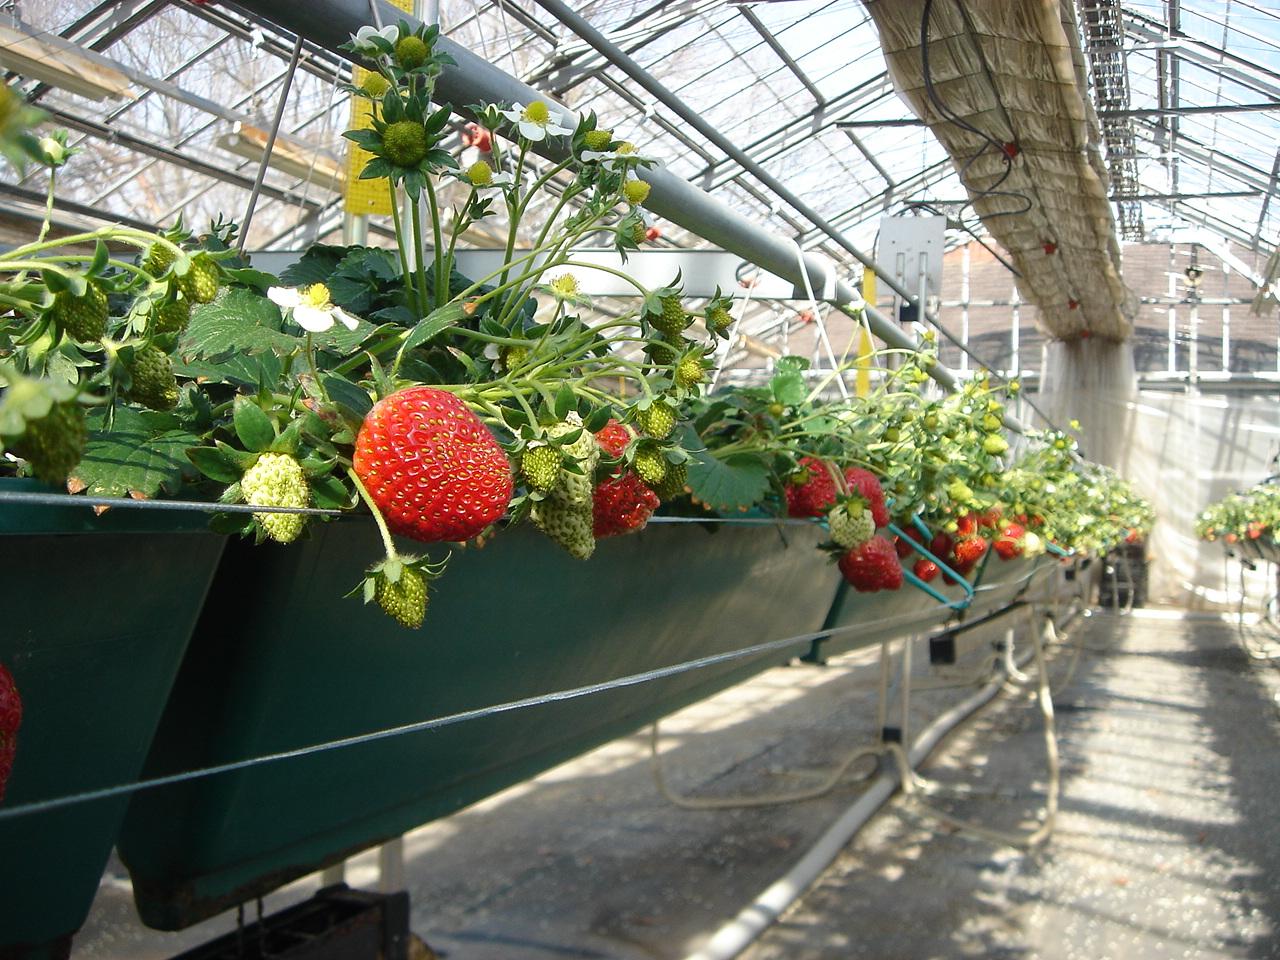 2月19日(日)にイチゴの収穫体験を開催します